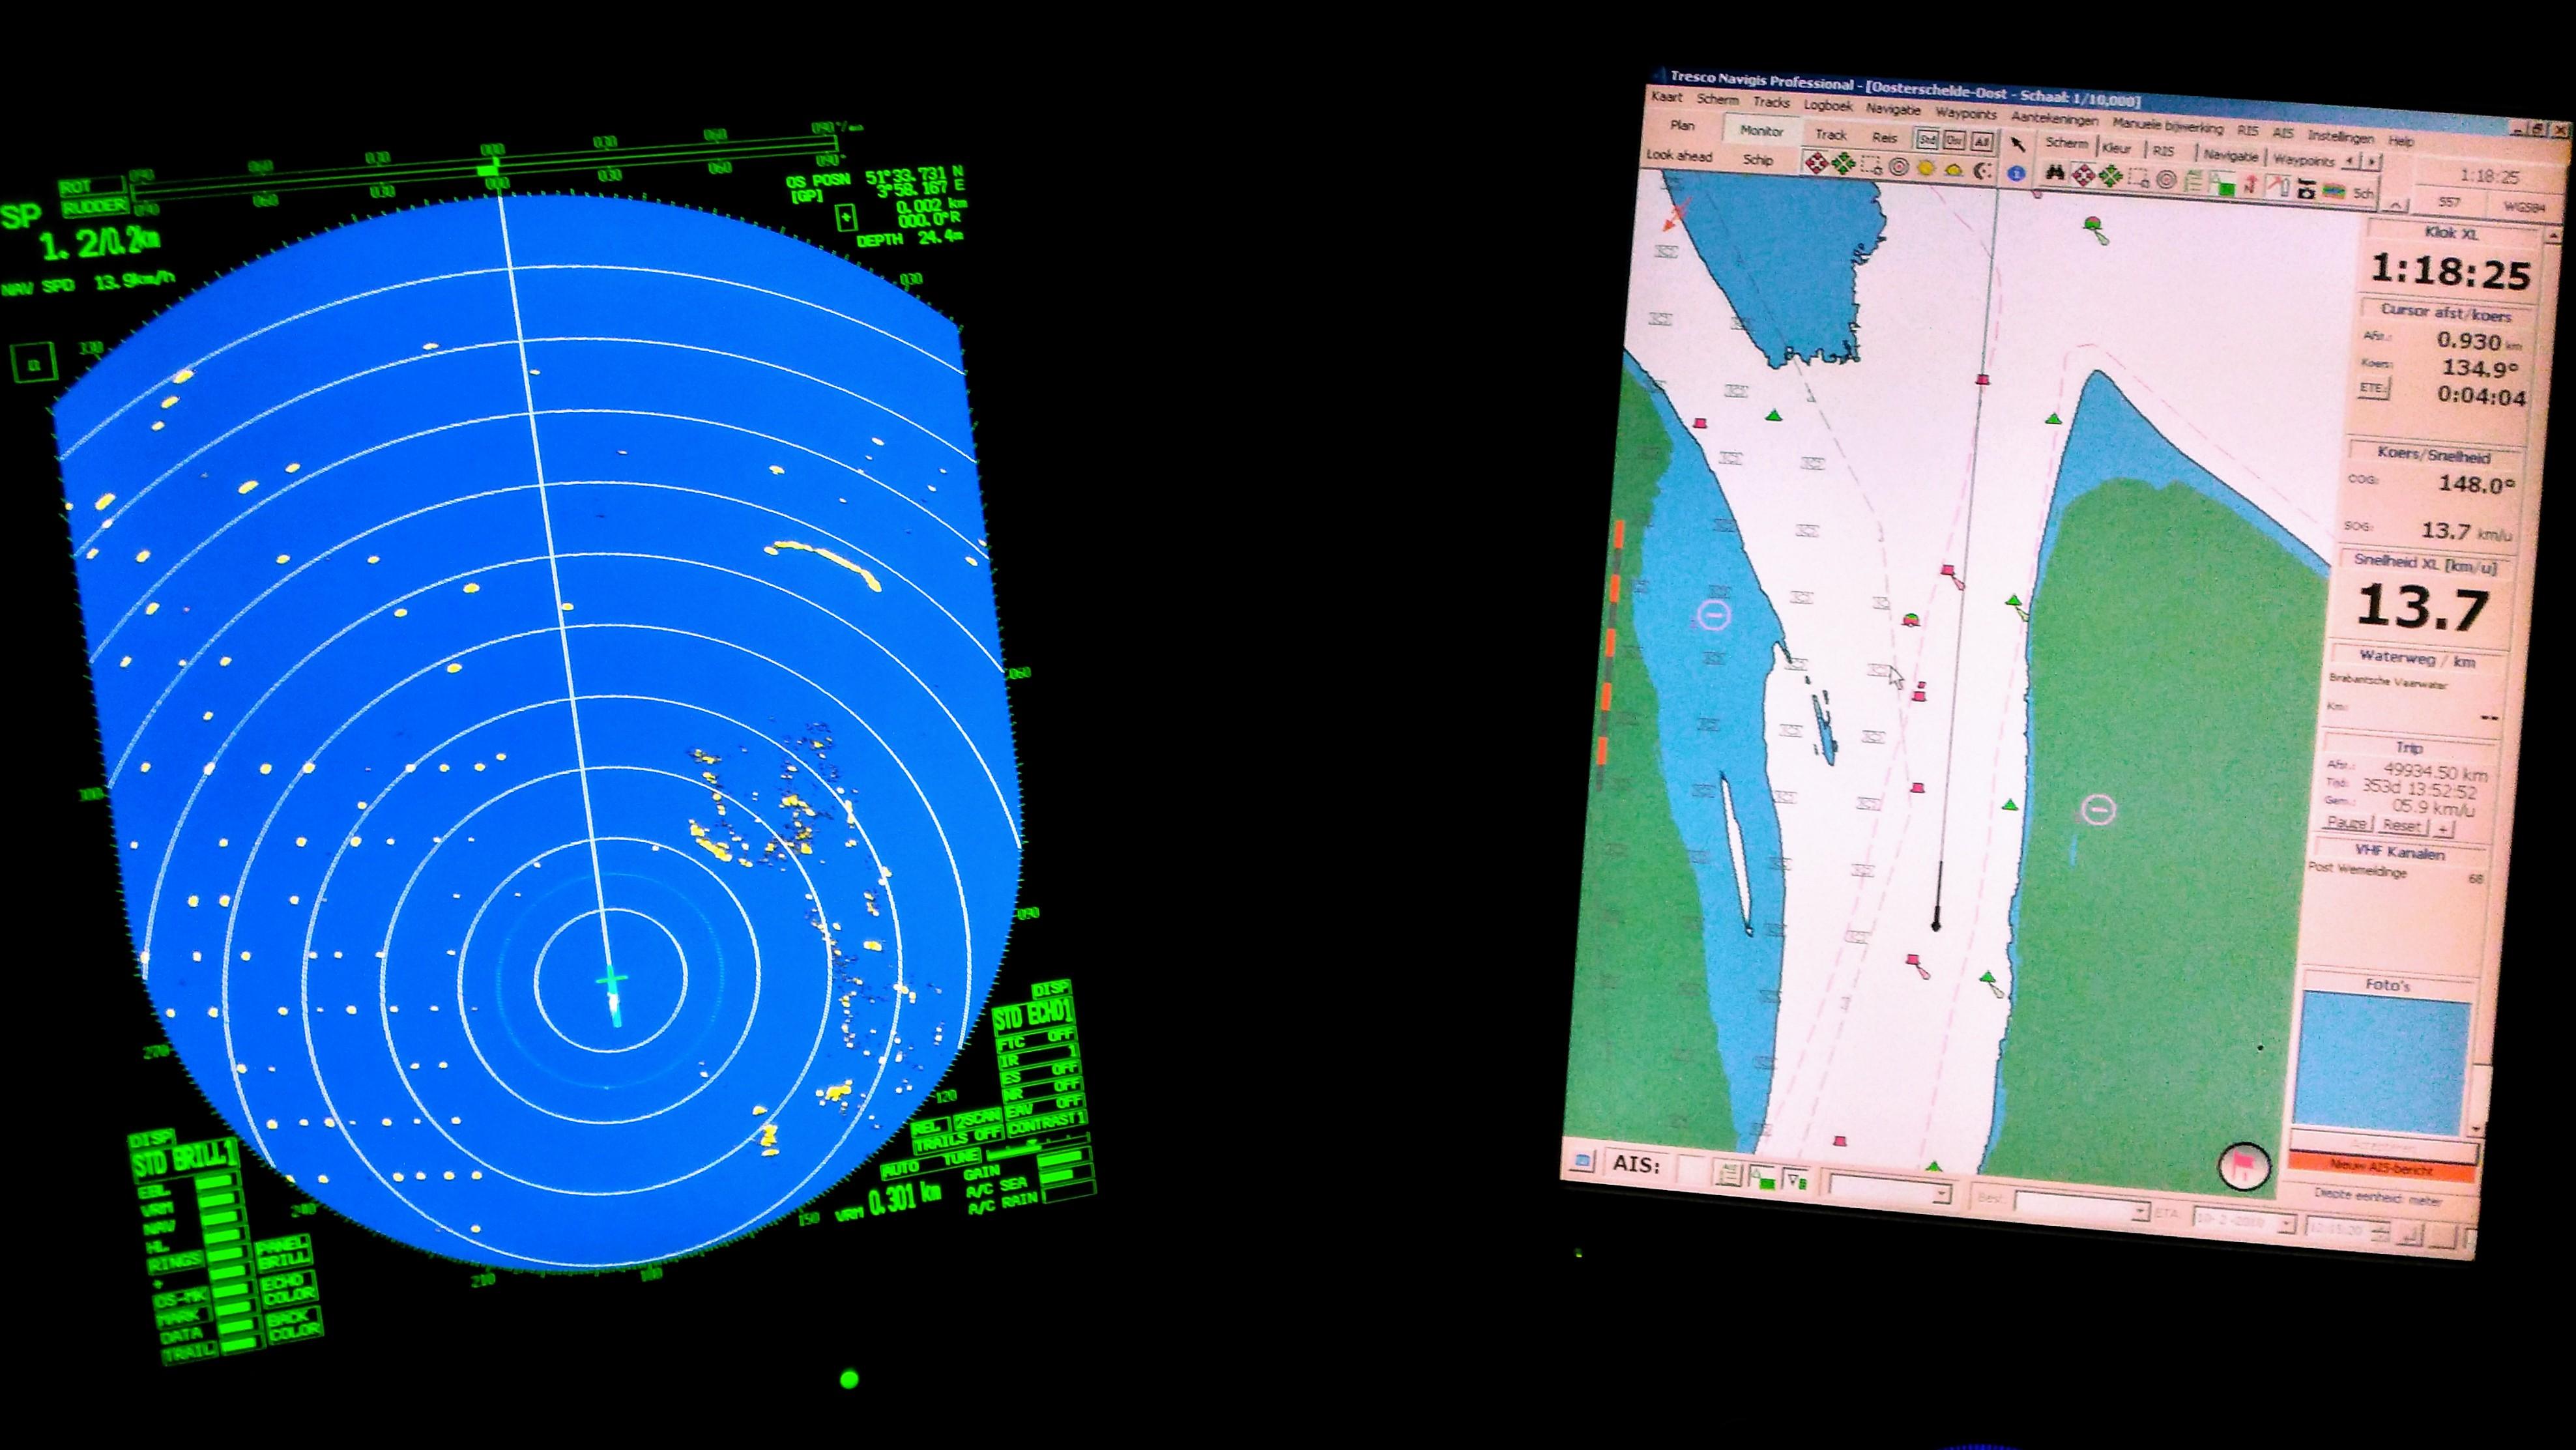 Training navigatie 2 GrootVaarbewijs. Oosterschelde, Westerschelde, Koers en plaatst bepalen, hydrografie en meteorologie.